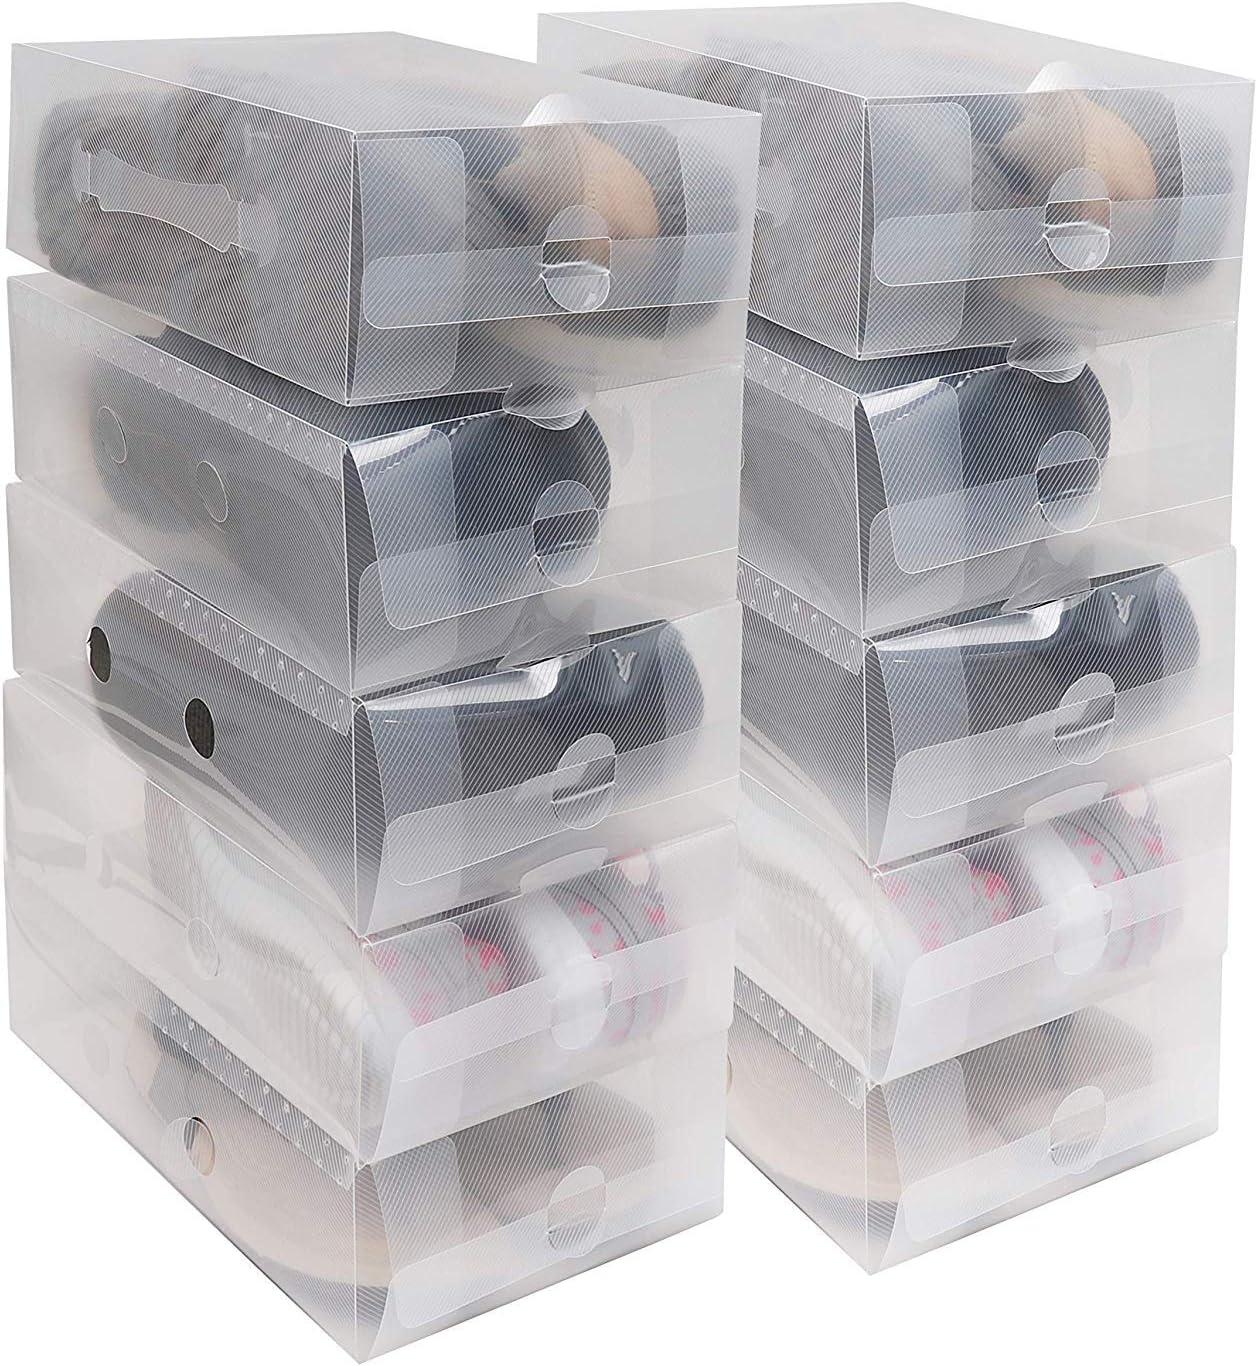 Kurtzy Shoe Box (20 Pcs) - Clear Plastic Shoe Boxes 18x30.5x10cm - Stackable and Foldable Storage for Ladies Men - Transparent Shoe Organizer